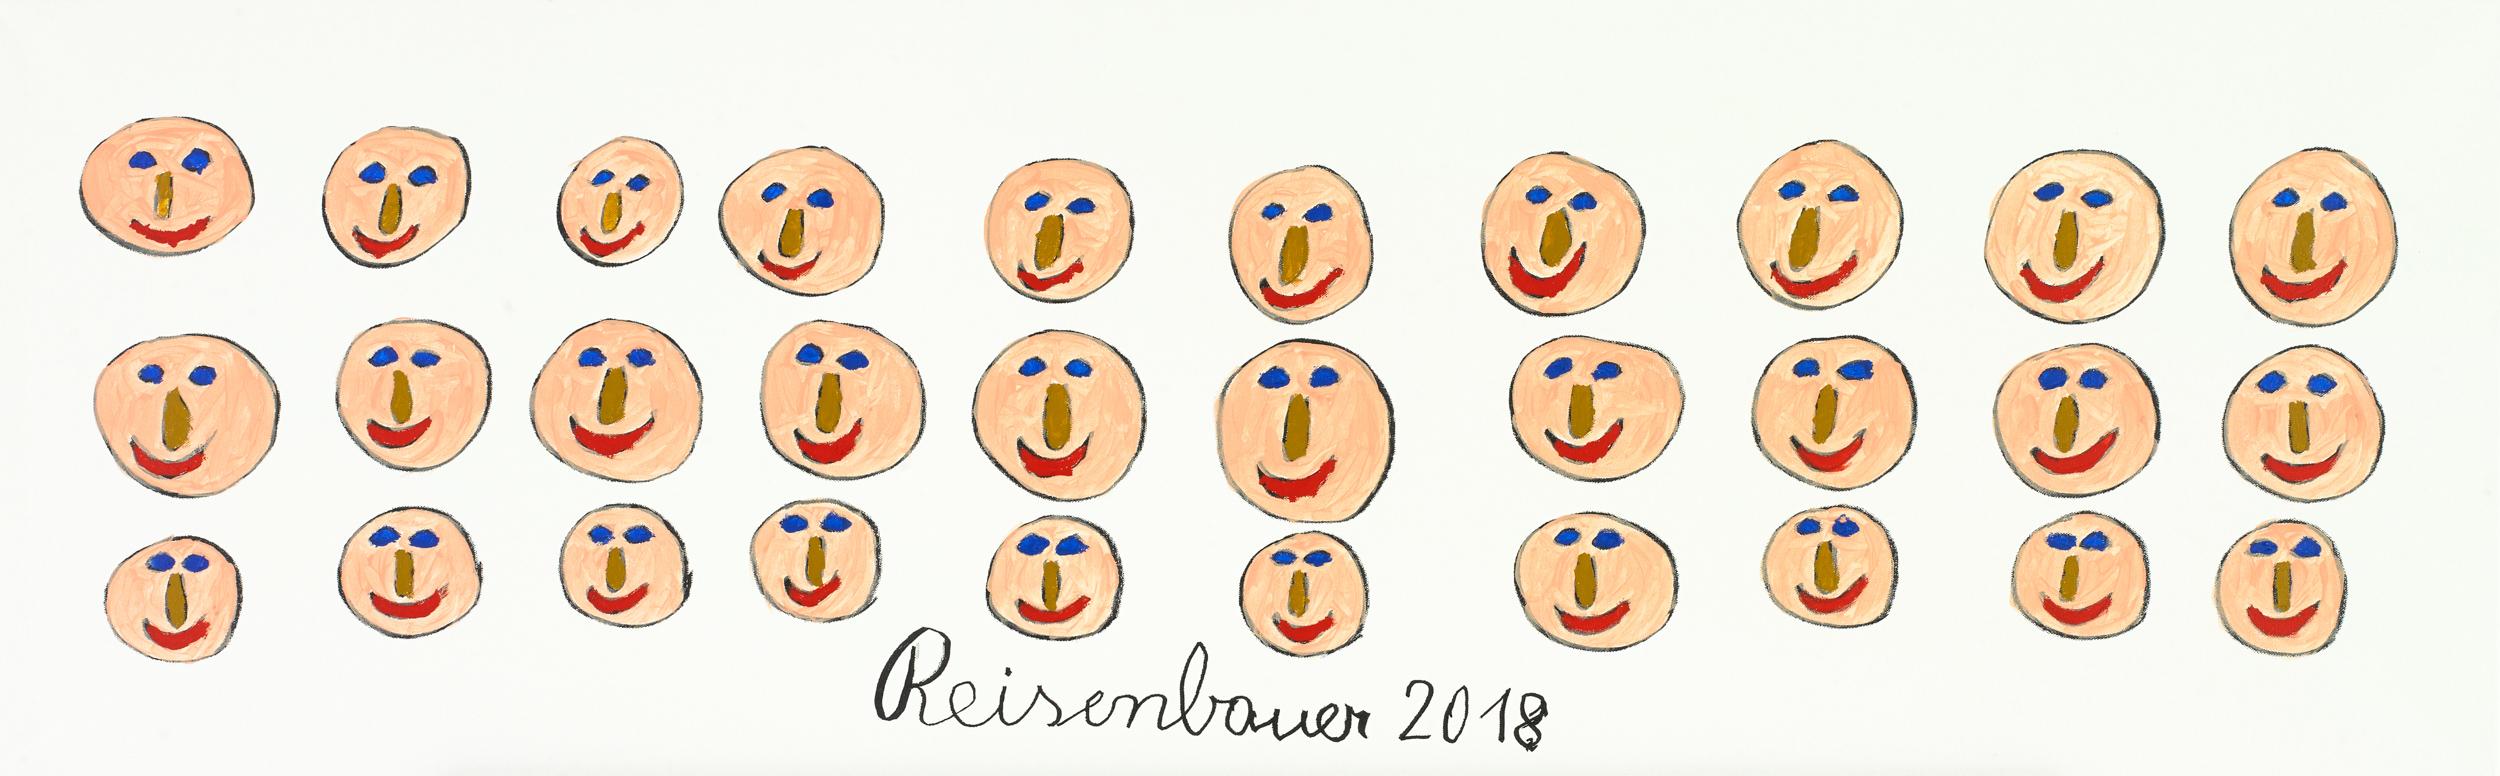 reisenbauer heinrich - Gesichter / Faces